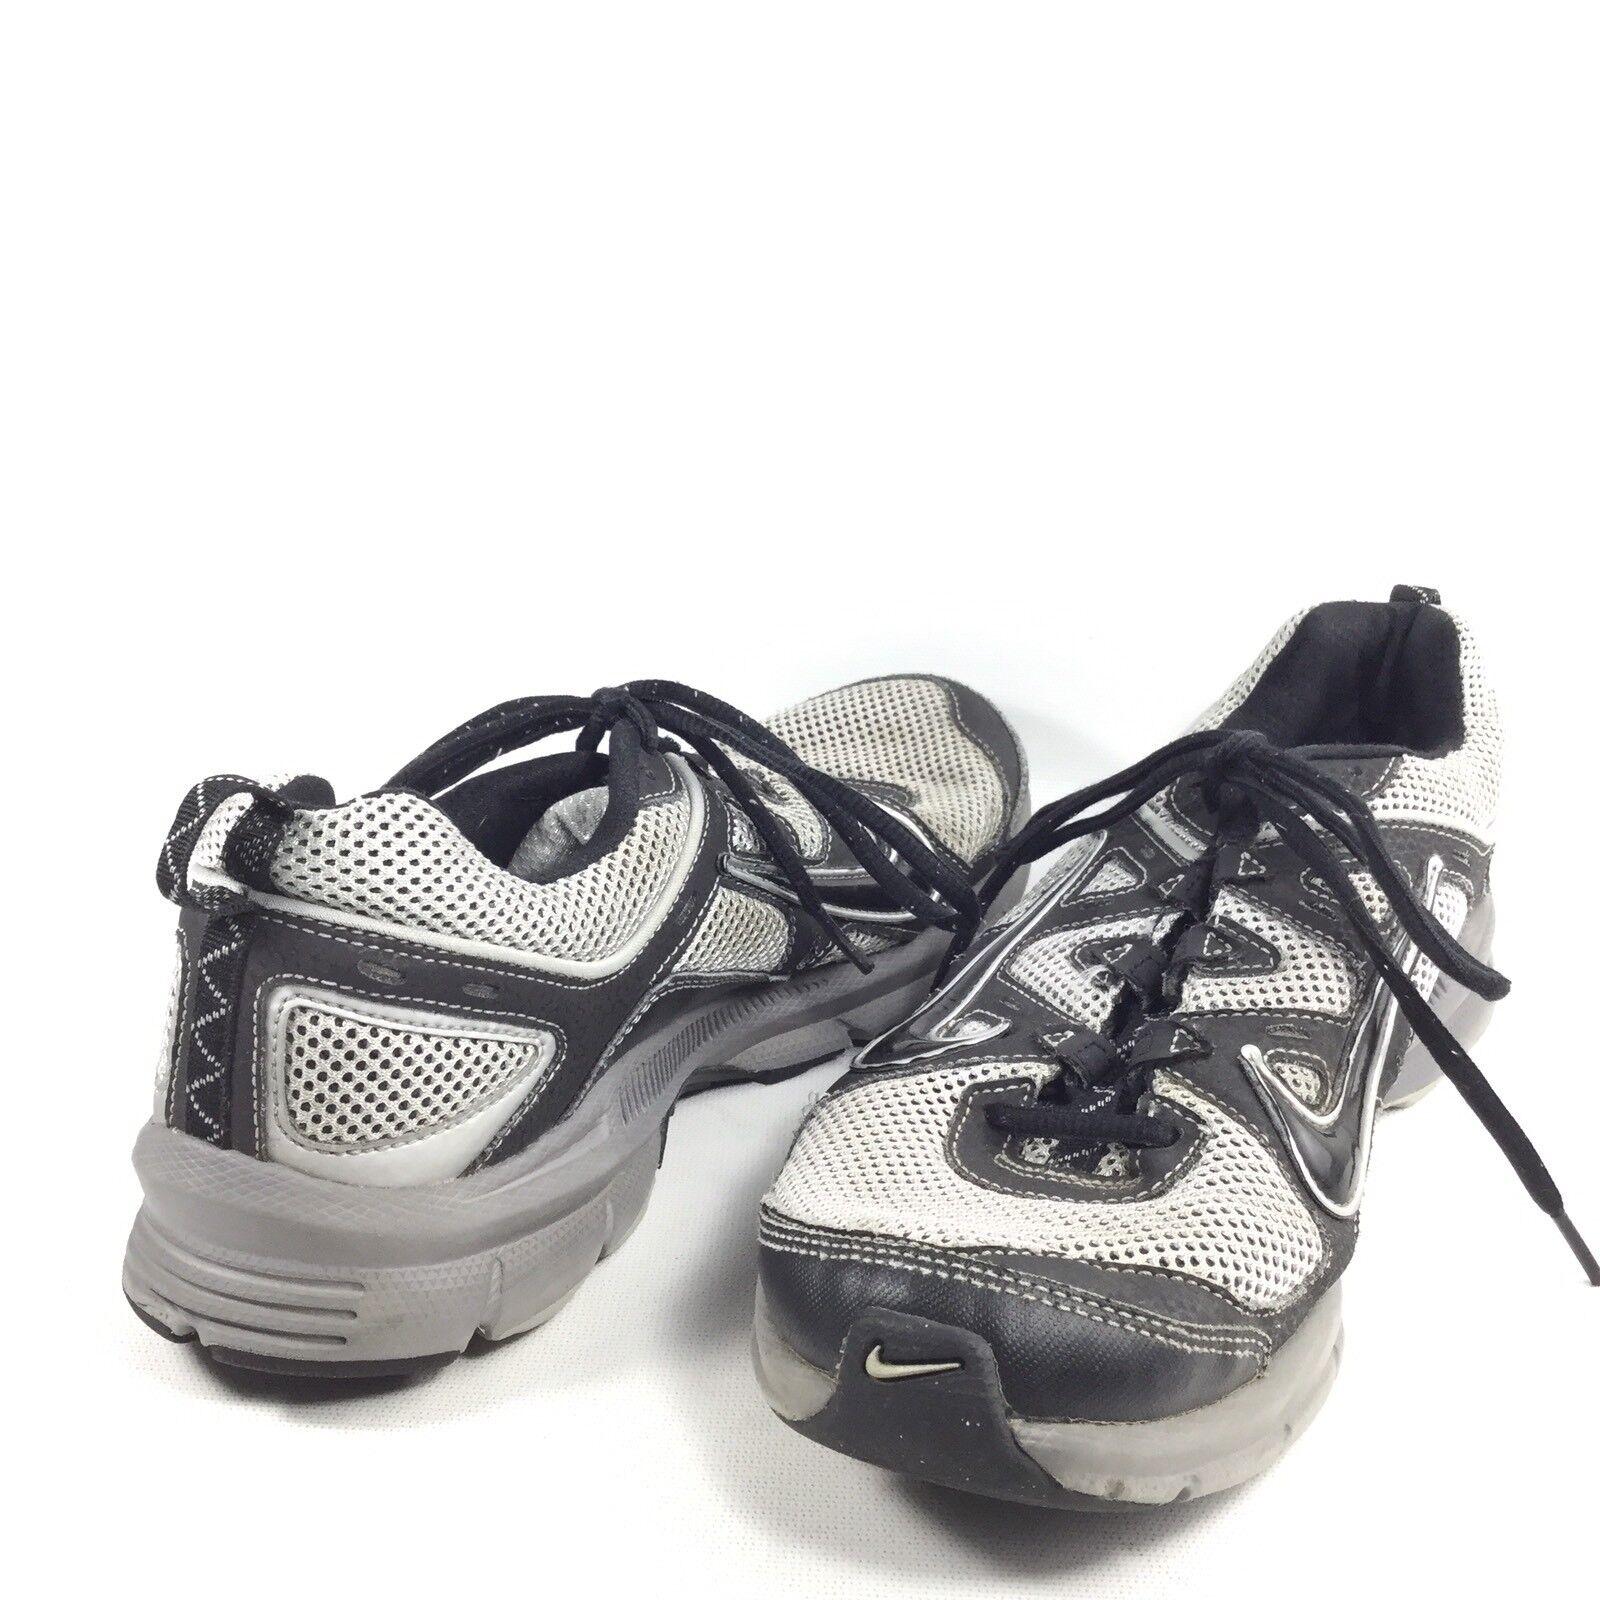 Nike graue alford 9 männer größe 11 m schwarz / graue Nike running schuhe 0c1954